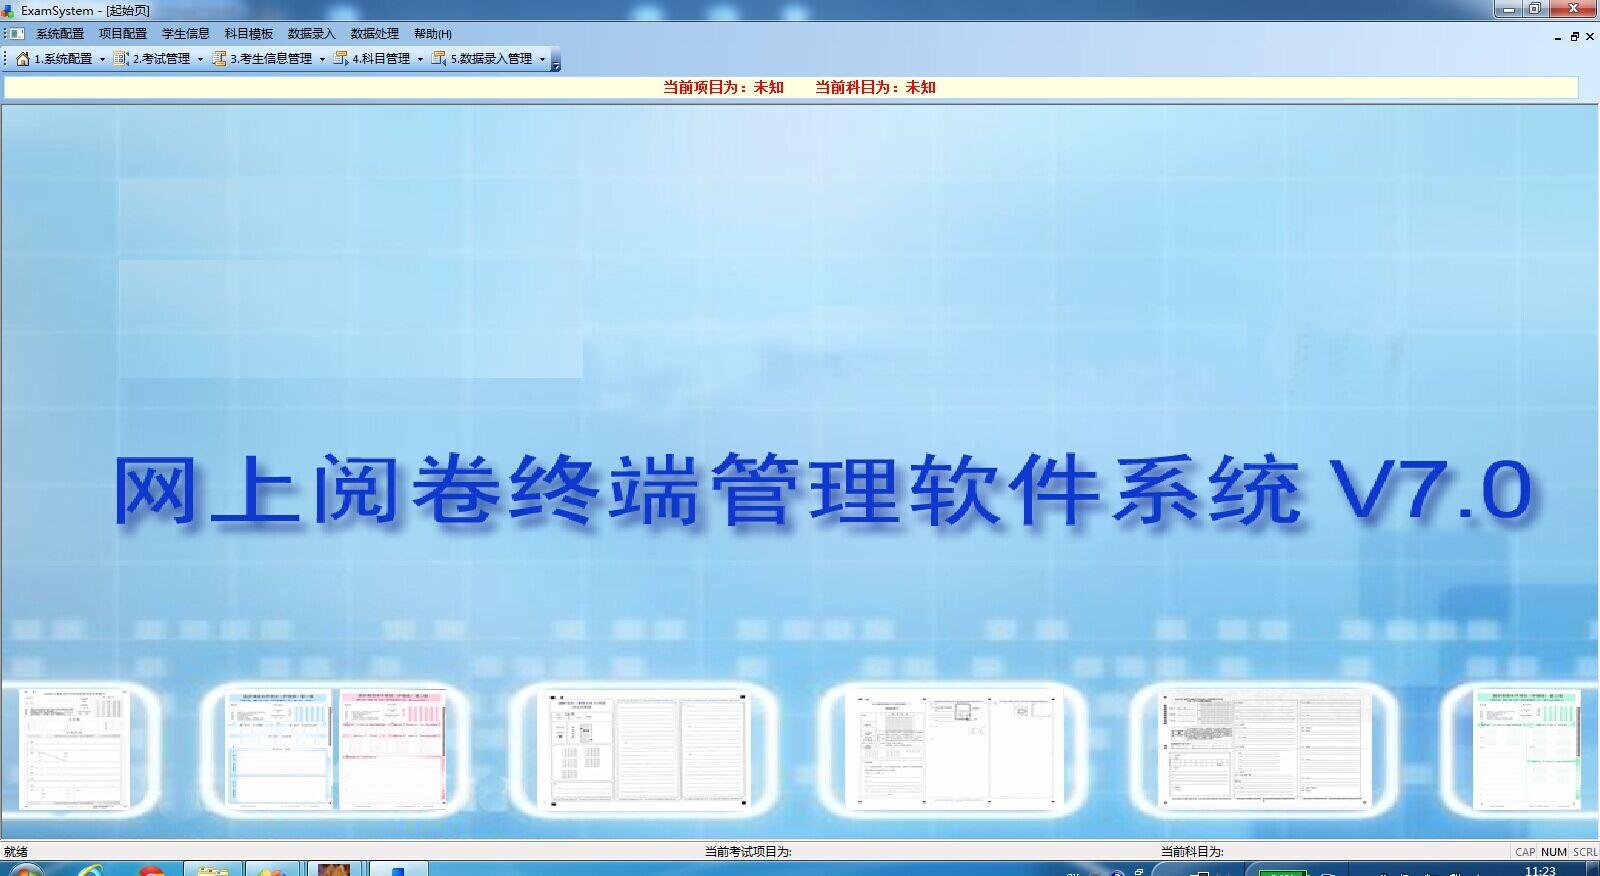 哪有优质网上阅卷系统 网上阅卷系统价格|行业资讯-河北省南昊高新技术开发有限公司